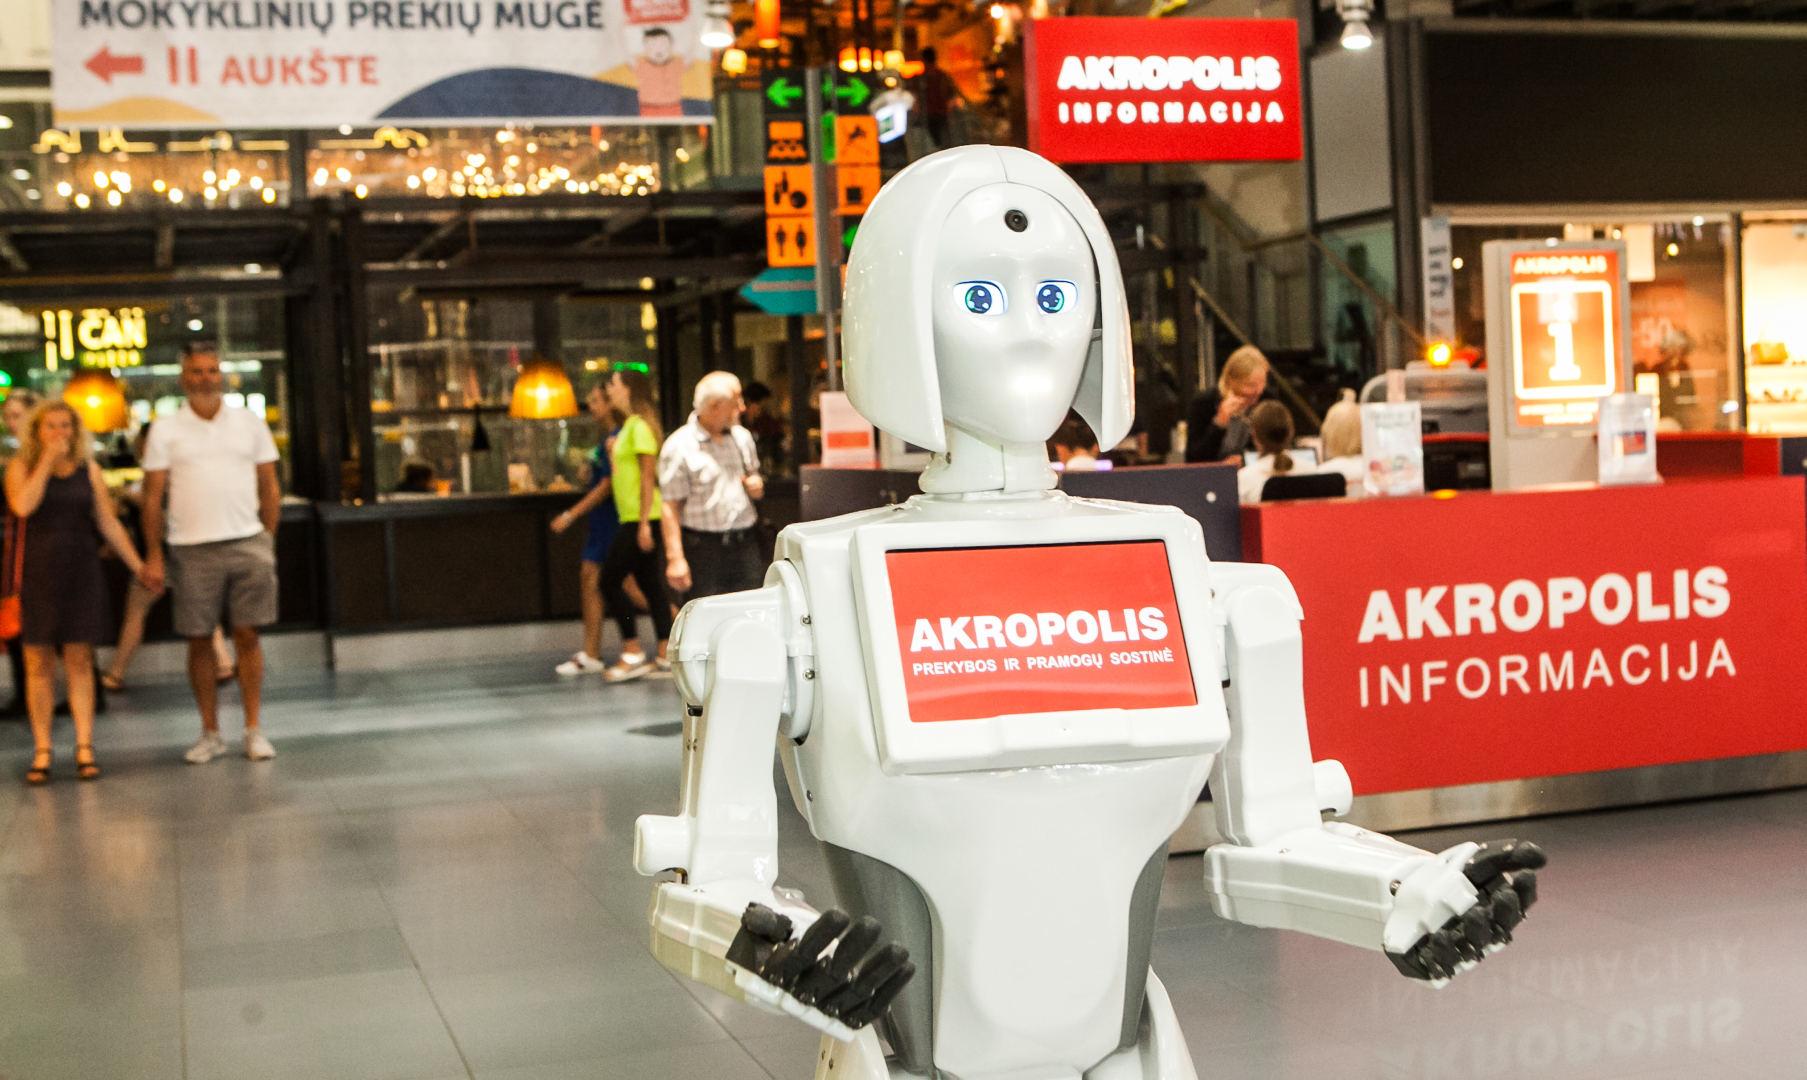 cb prekybos robotų apžvalgos pelningas uždarbis tinkle